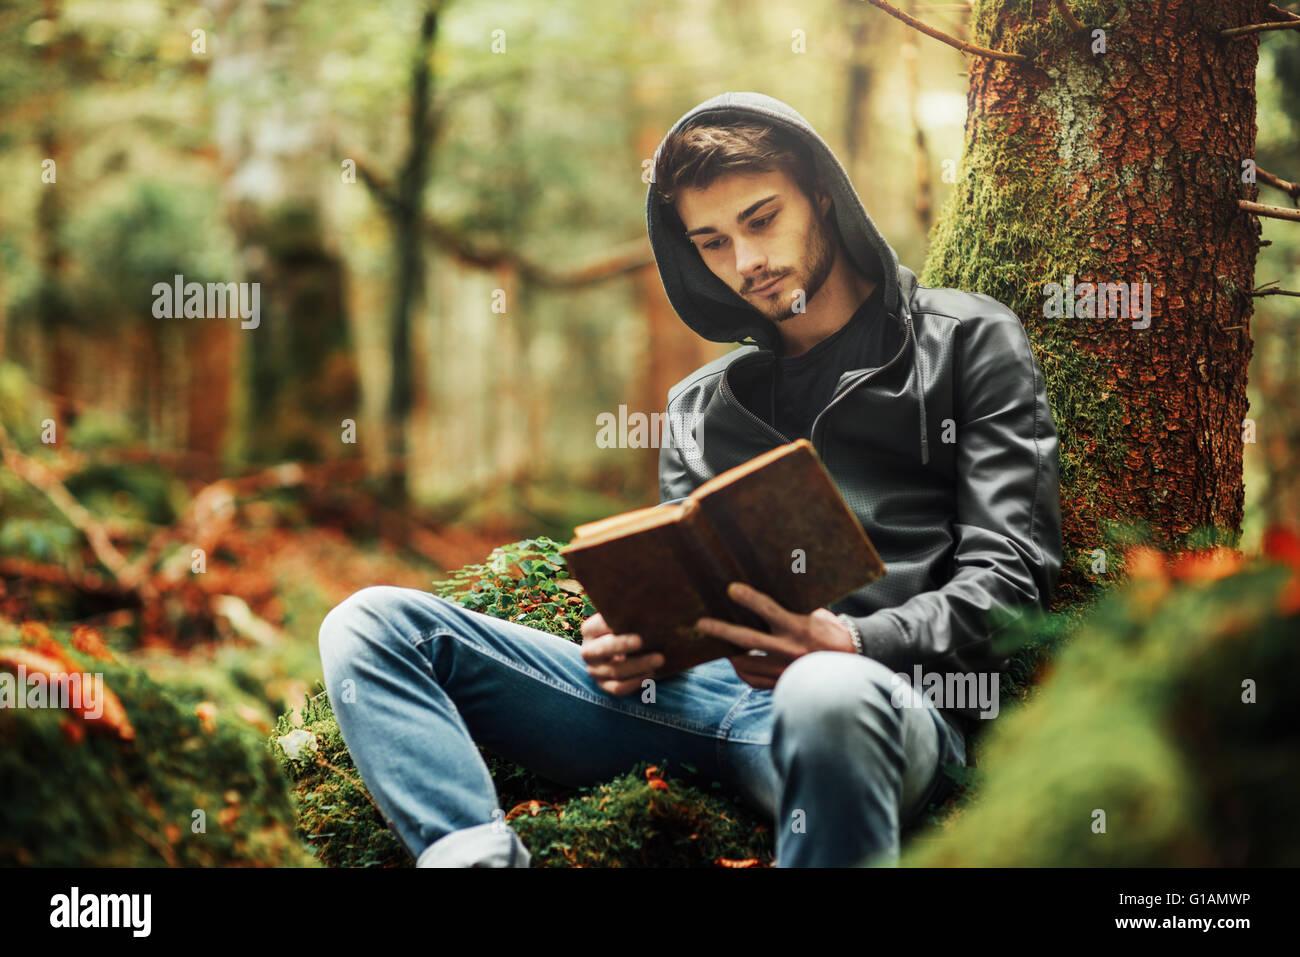 La lecture de l'homme dans la nature et détente en plein air, de la liberté et de l'individualité Photo Stock